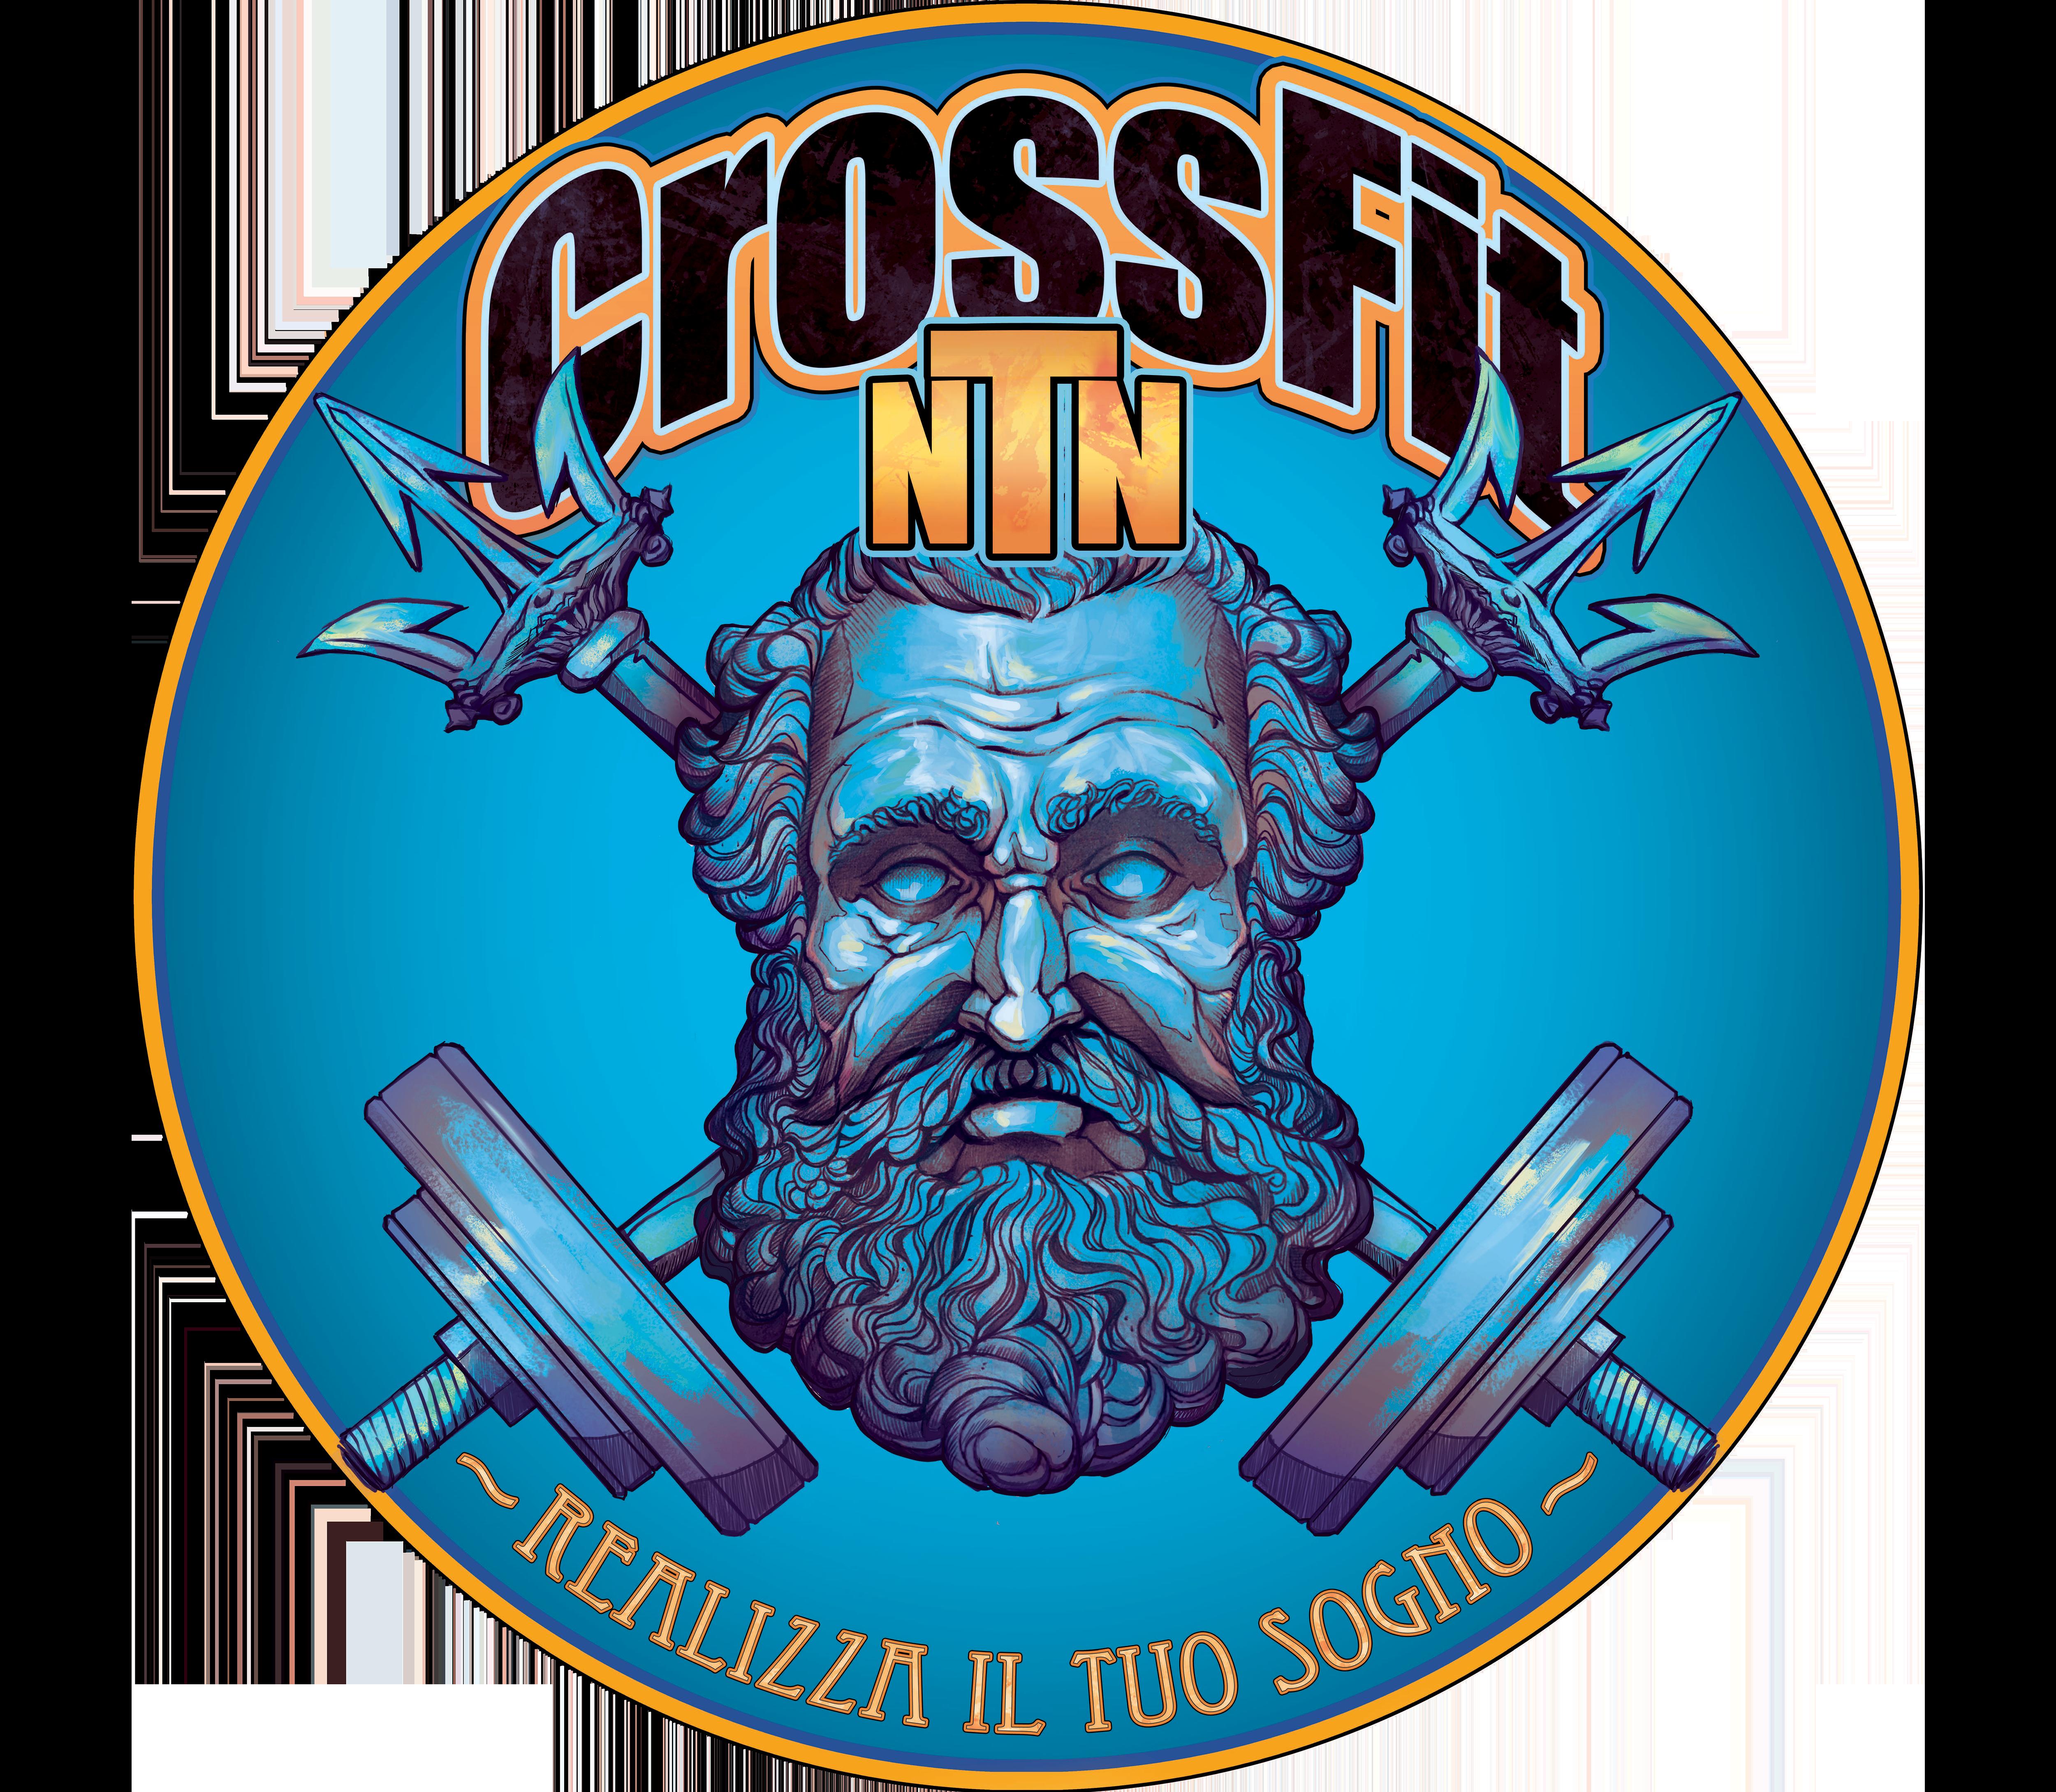 CrossFit NTN